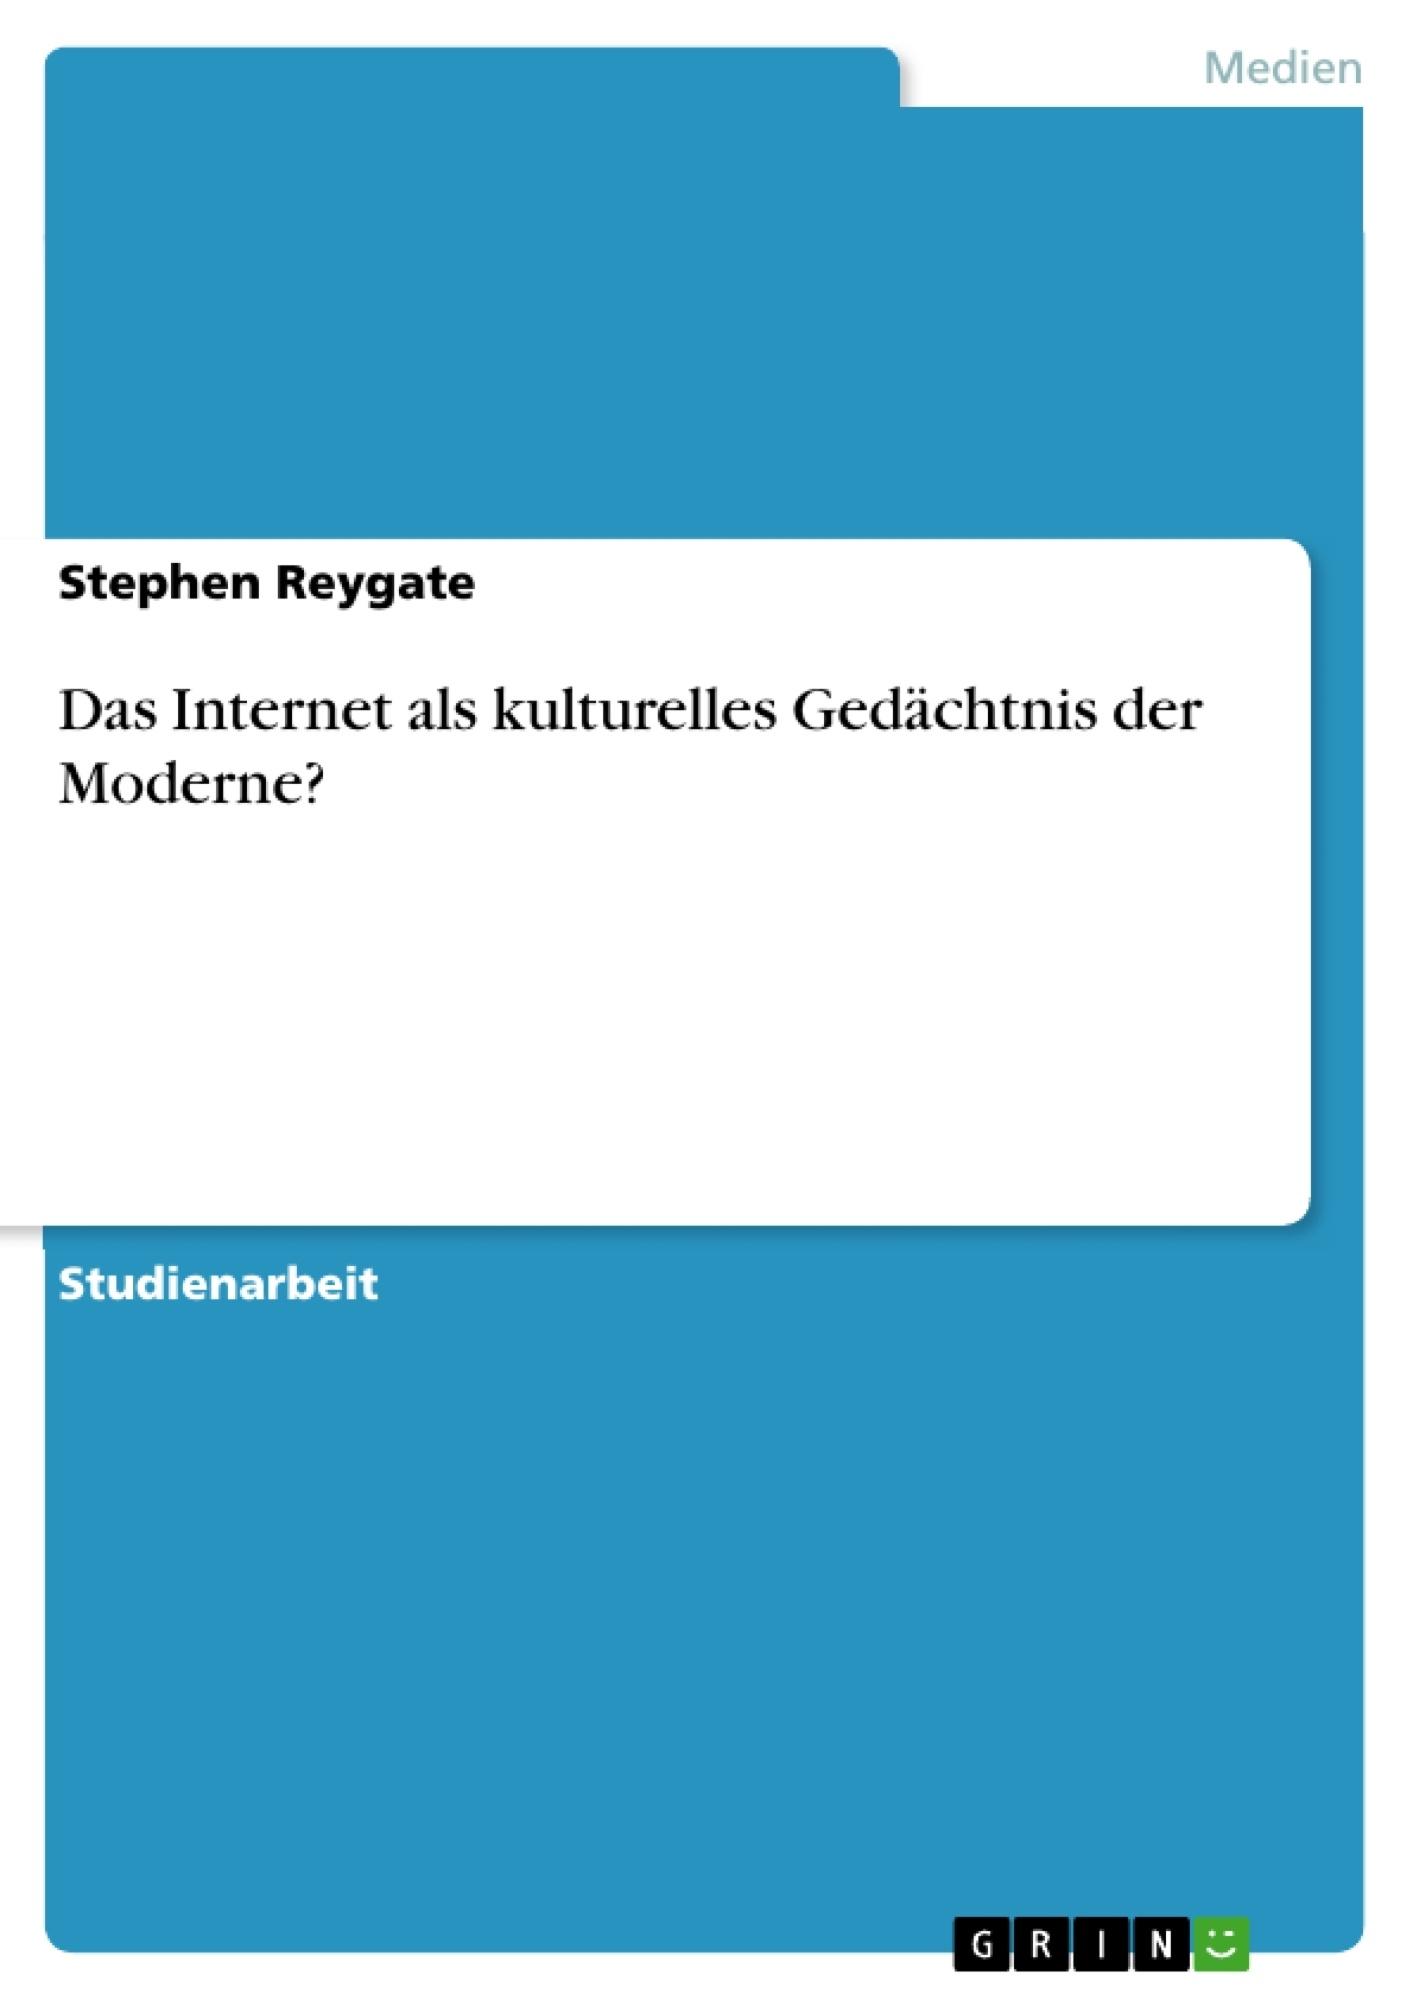 Titel: Das Internet als kulturelles Gedächtnis der Moderne?